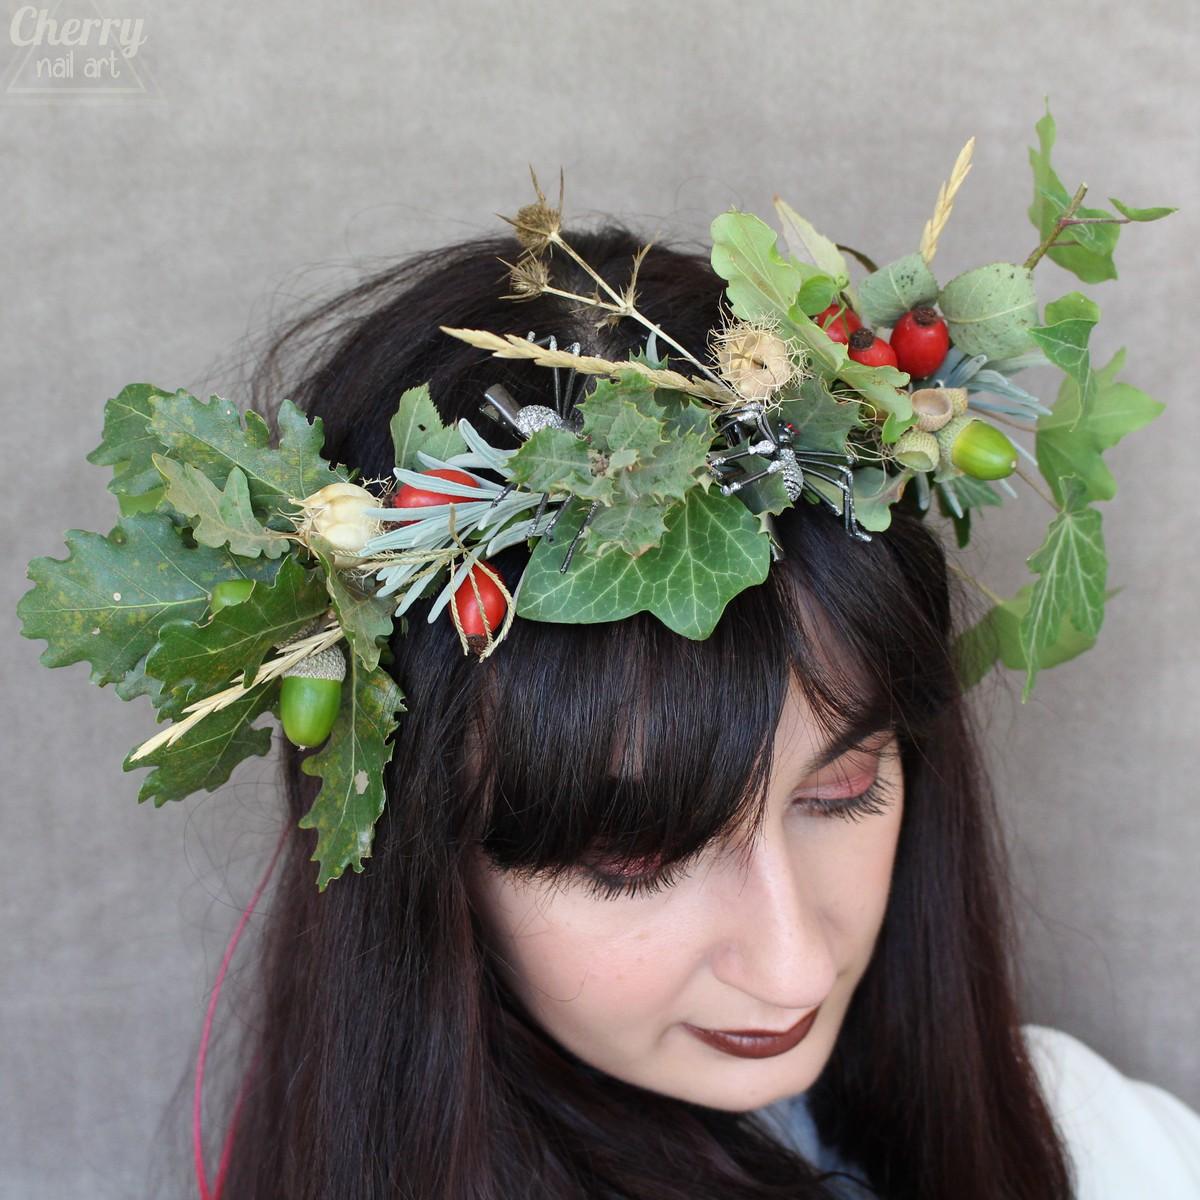 DIY-couronne-cheveux-halloween-automne-fleurs-feuilles-naturelles